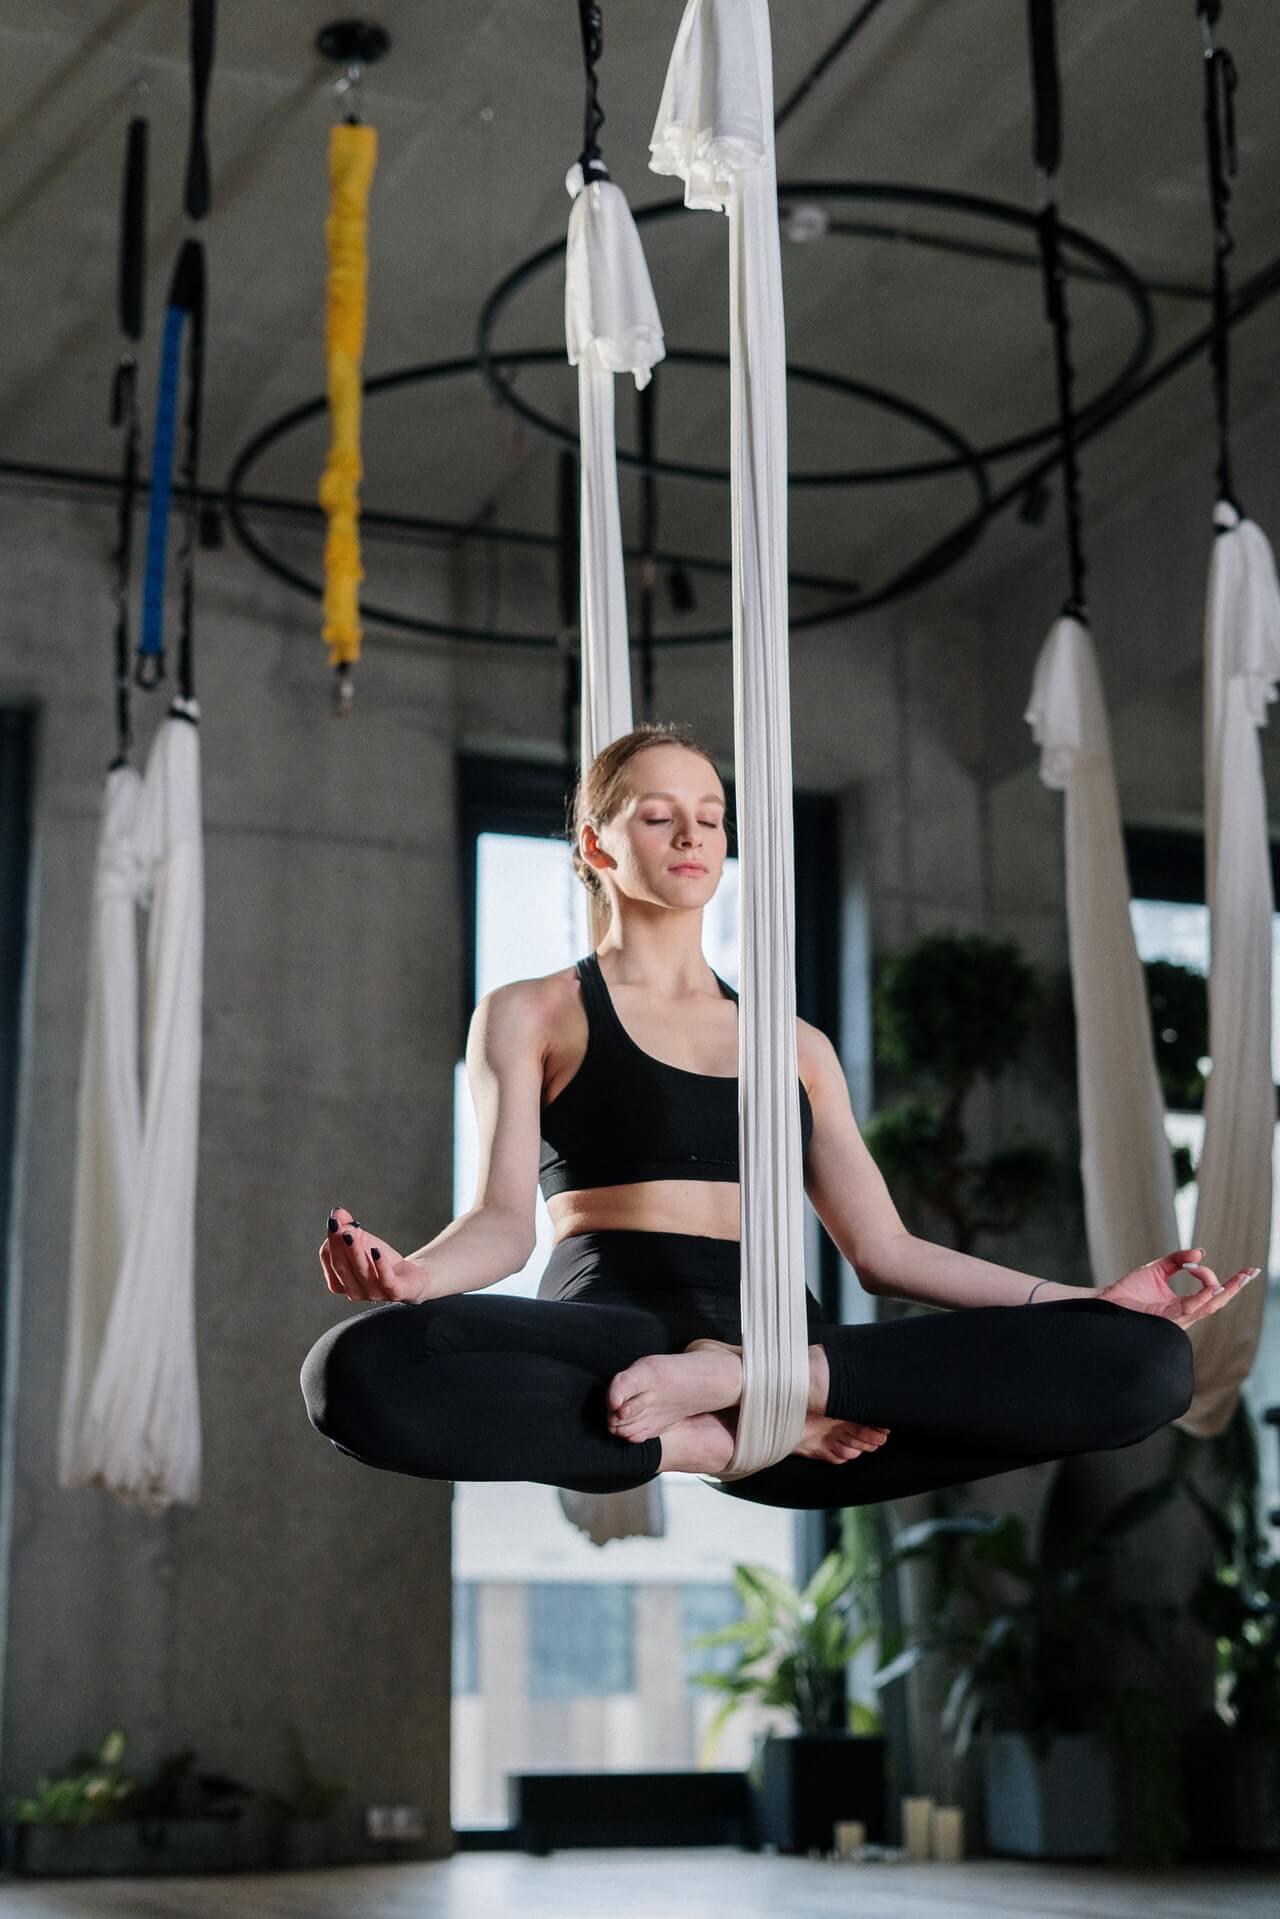 How to hang yoga trapeze in doorway